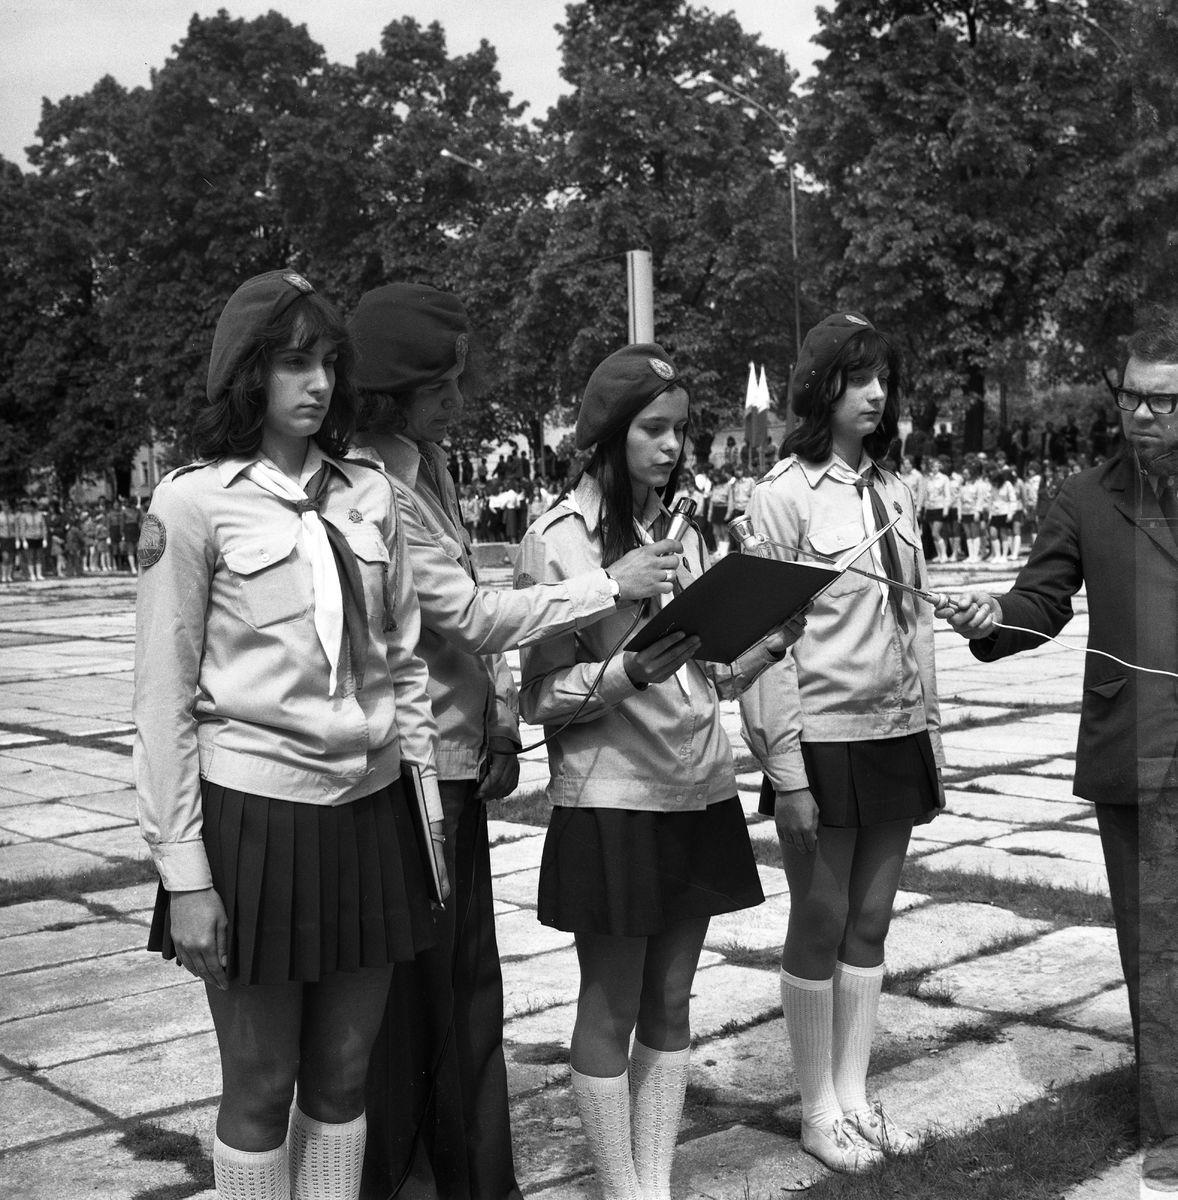 Nadanie patronatu ZHP nad parkiem przy plaży, 1974 r.